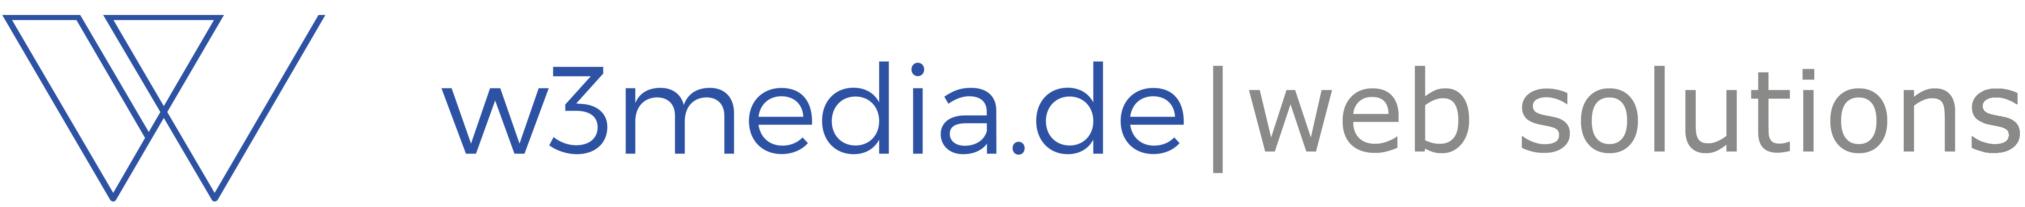 w3media.de | web solutions